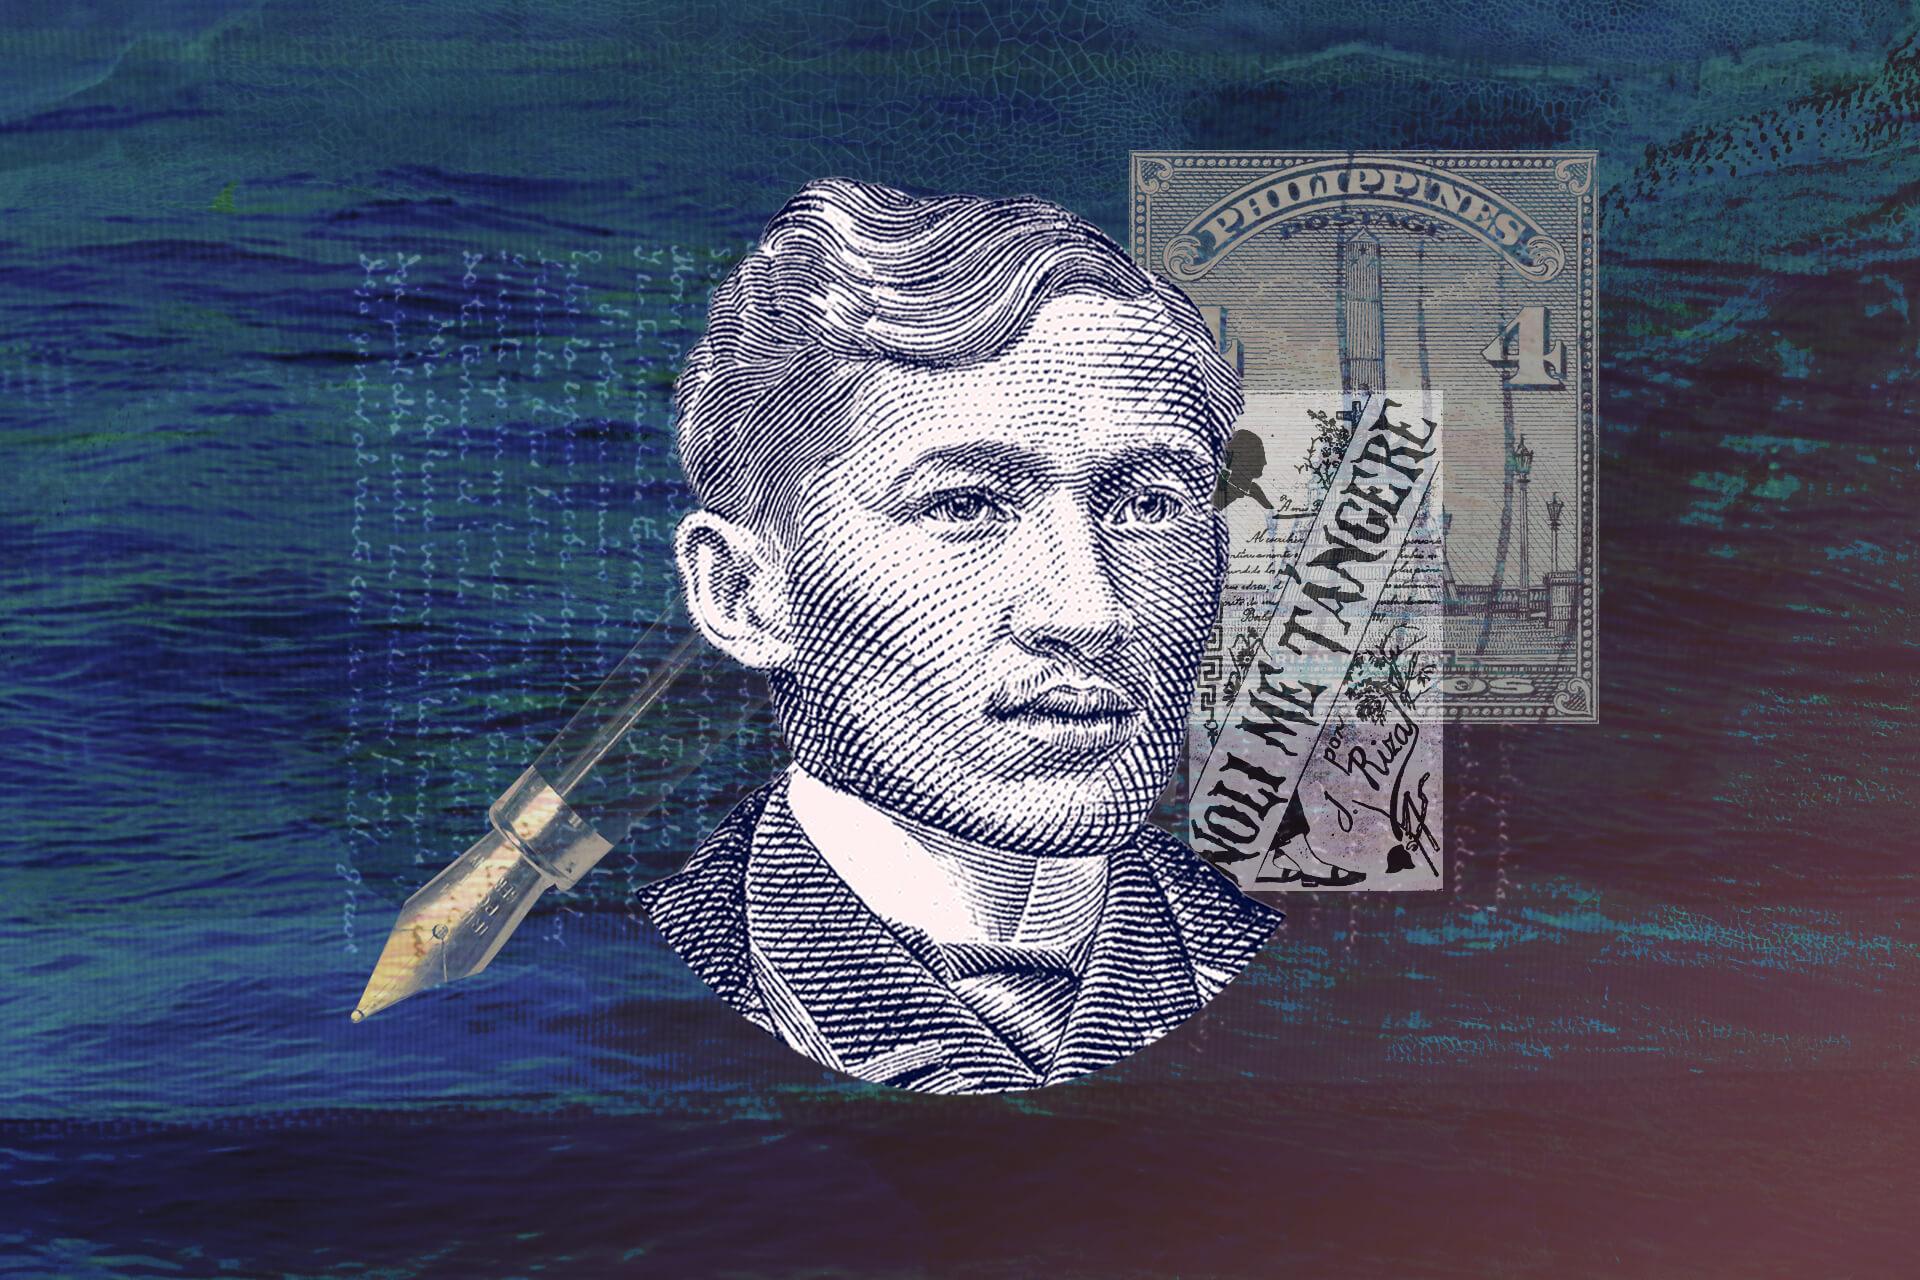 Jose Rizal collage by Regine Salumbre